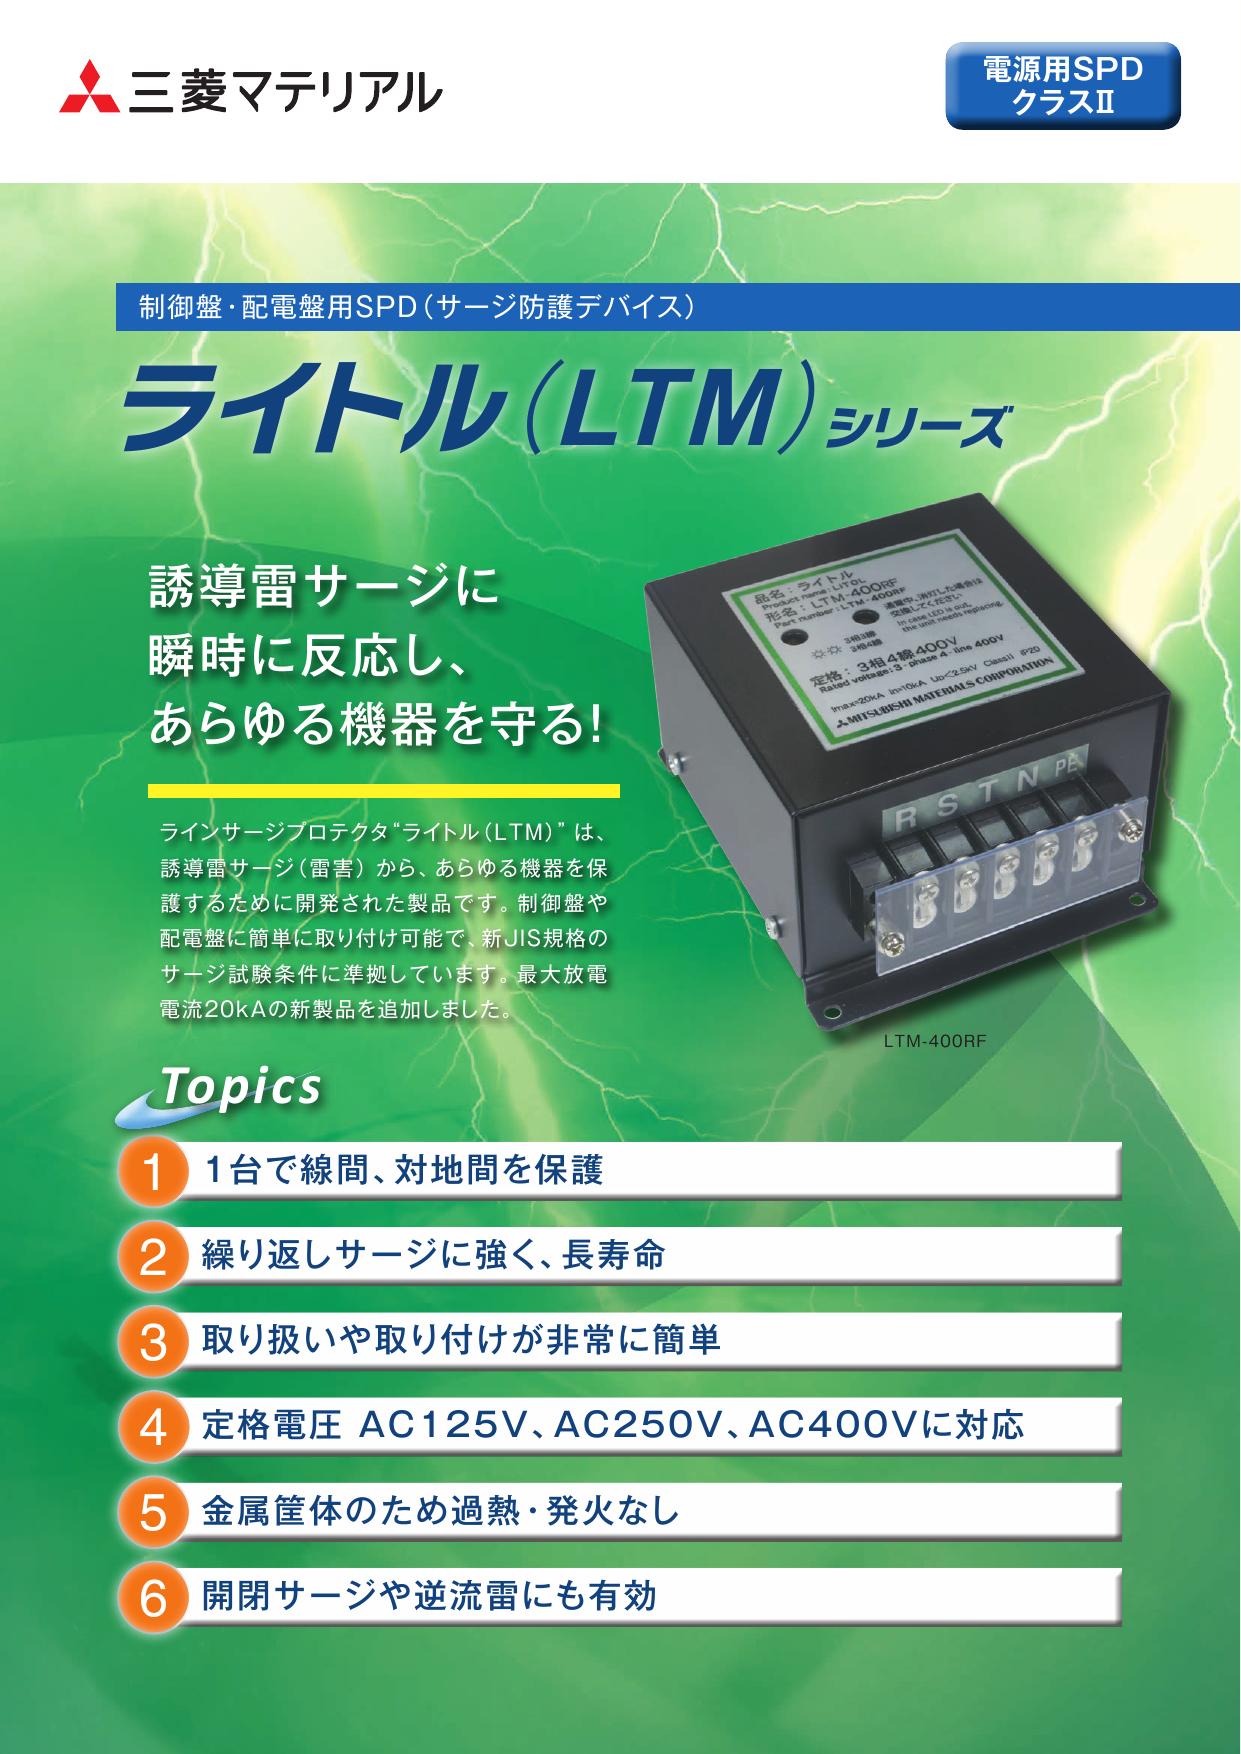 制御盤・配電盤用SPD「ライトル LTMシリーズ」の解説書 | 三菱マテリアル電子デバイス事業部